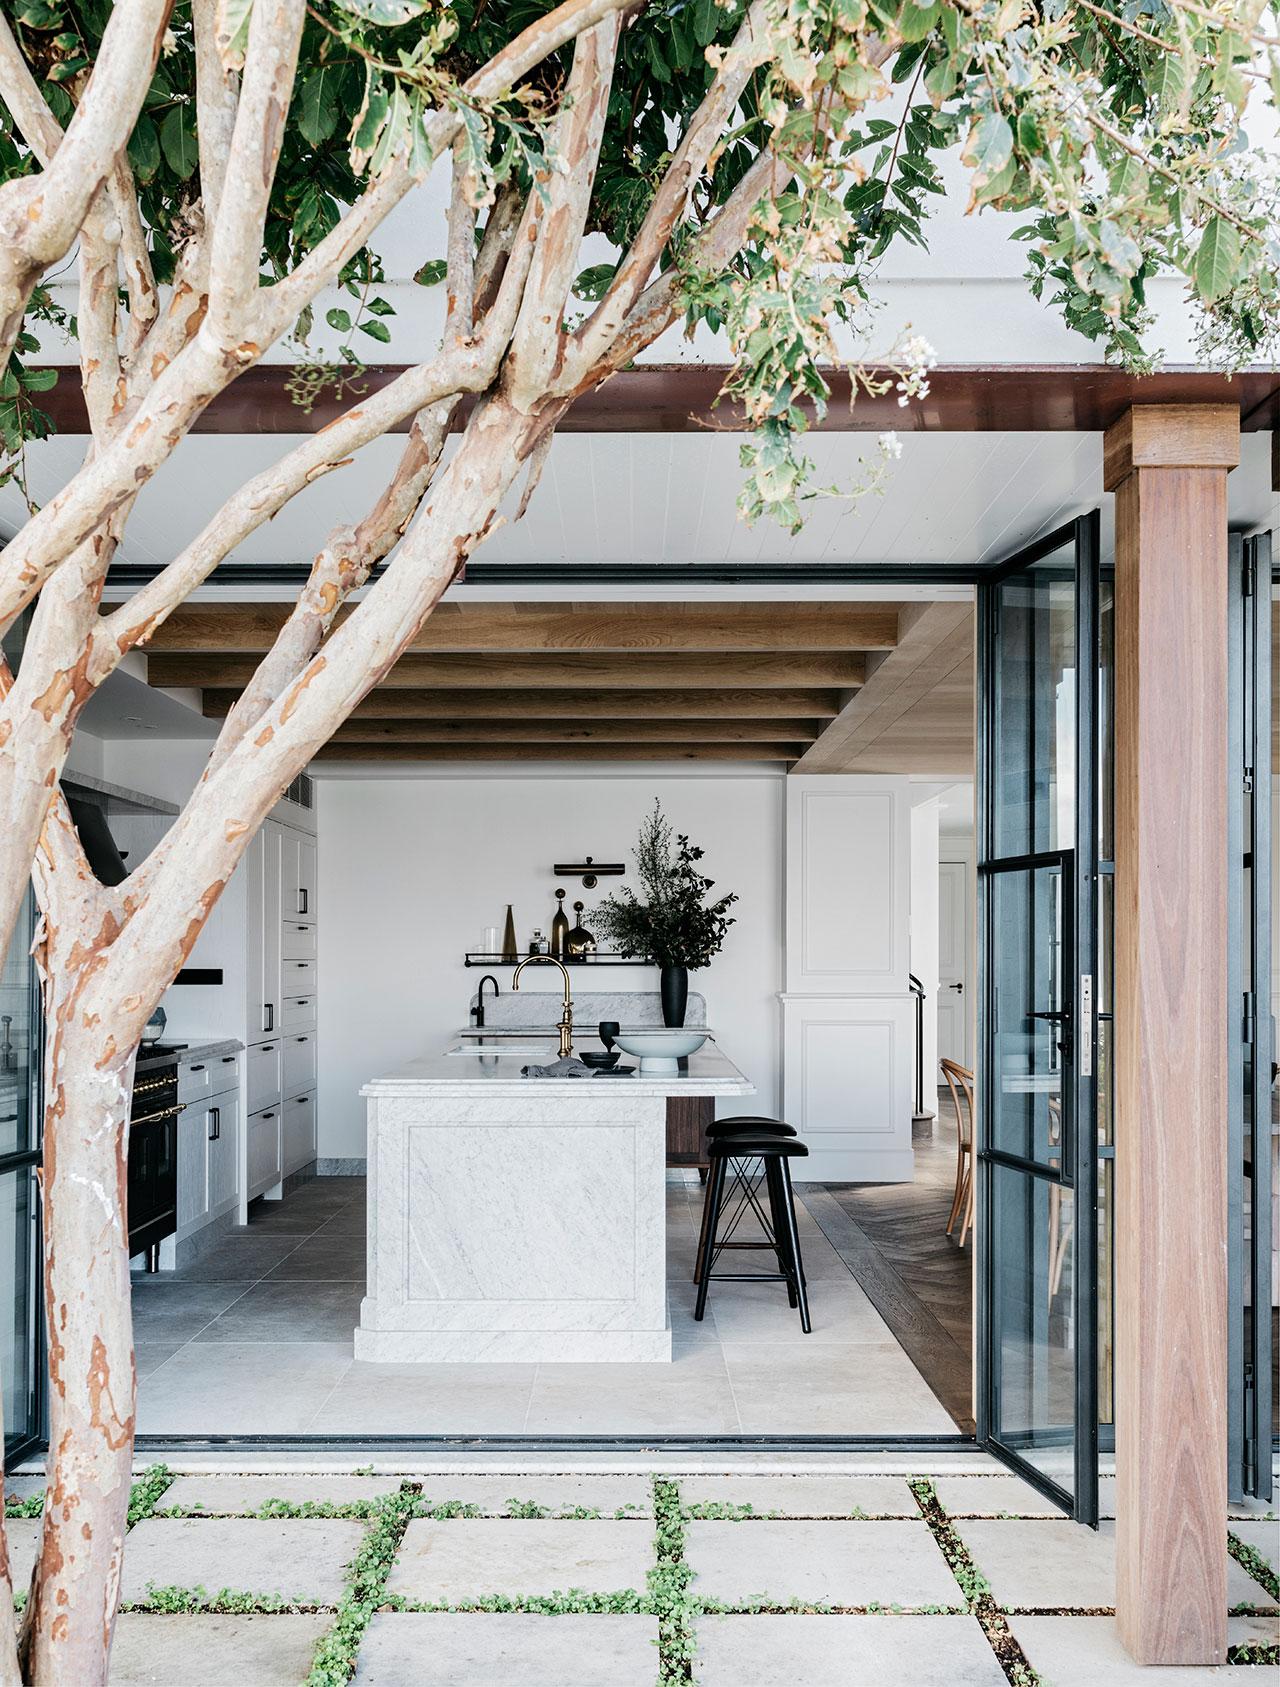 alexander-and-co-palm-beach-house-sydney-australia-2.jpg